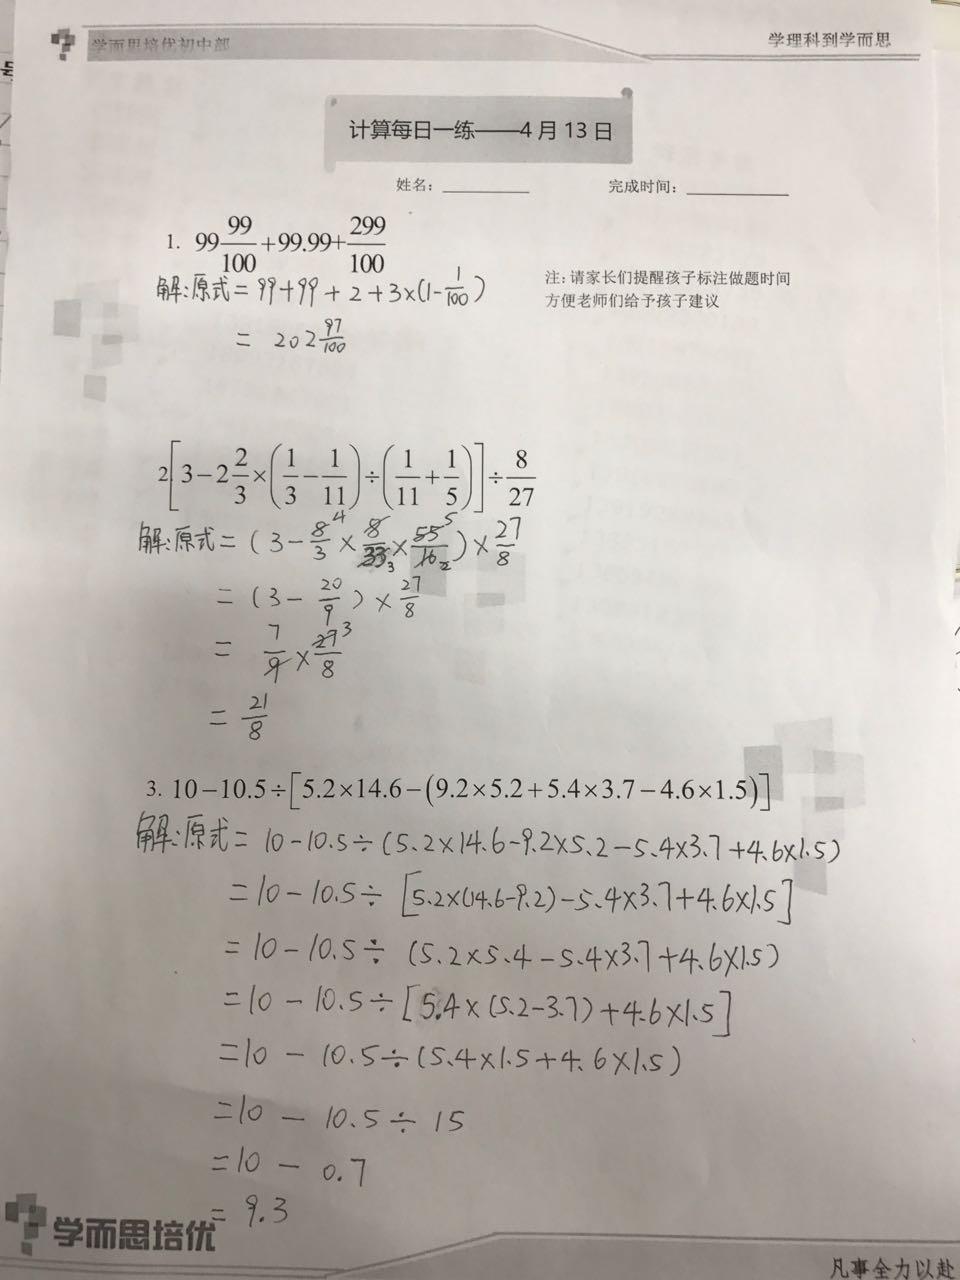 4.13答案.jpg